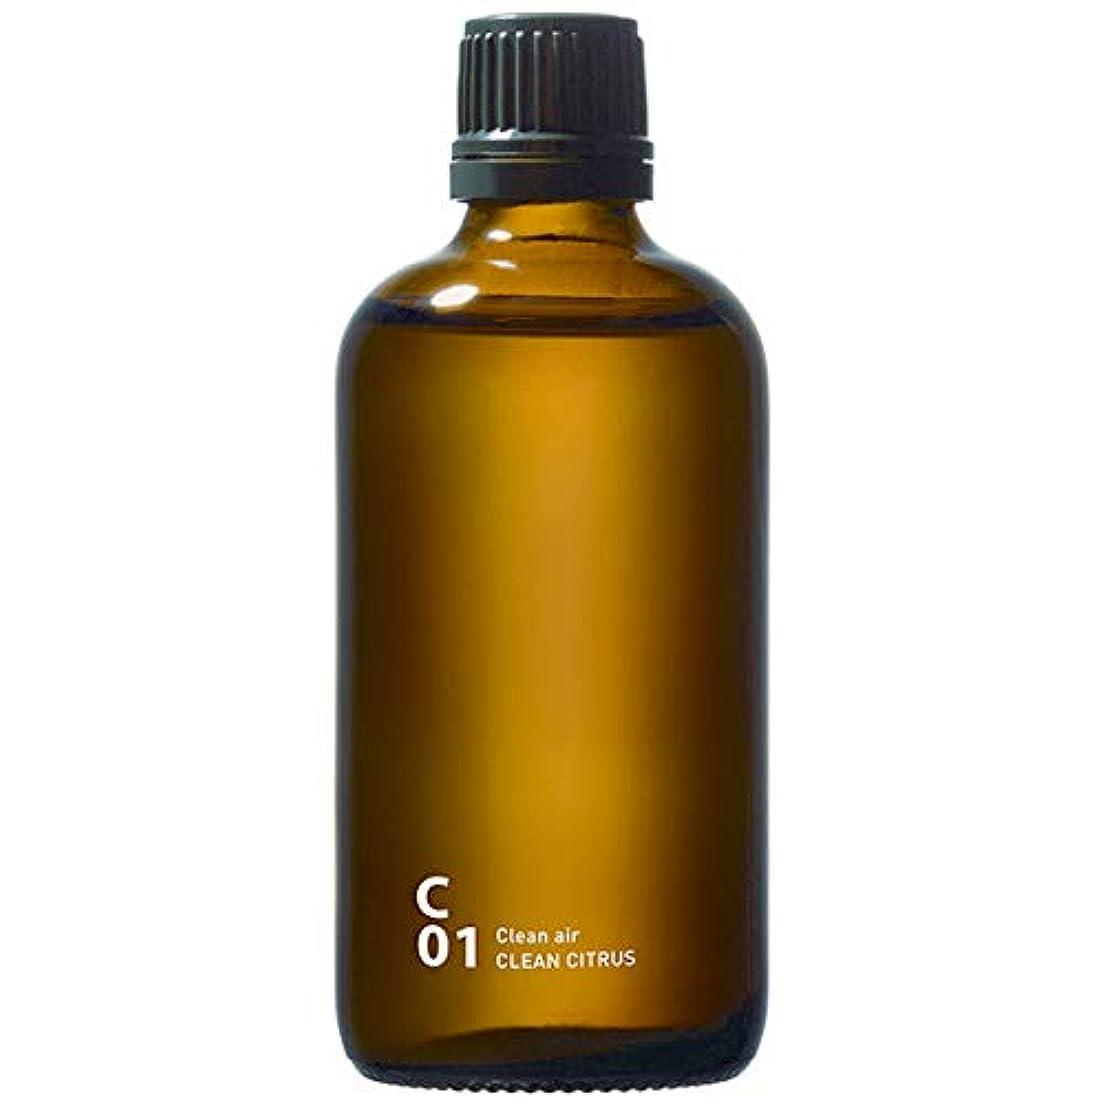 バットアンカー対応するC01 CLEAN CITRUS piezo aroma oil 100ml